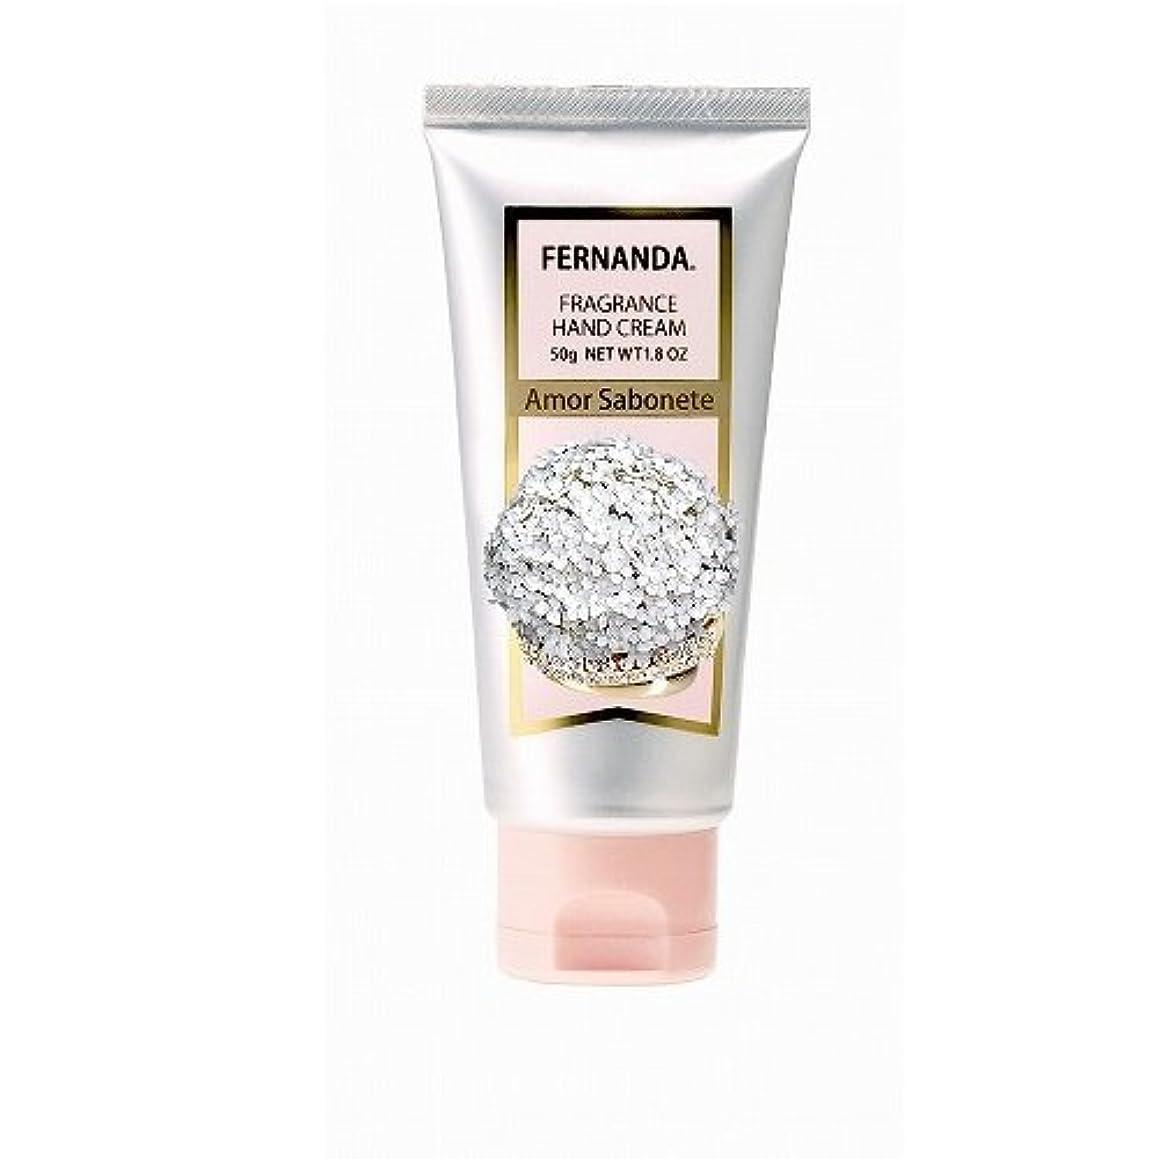 ずんぐりした横誘惑するFERNANDA(フェルナンダ) Hand Cream Amor Sabonete (ハンド クリーム アモールサボネッテ)